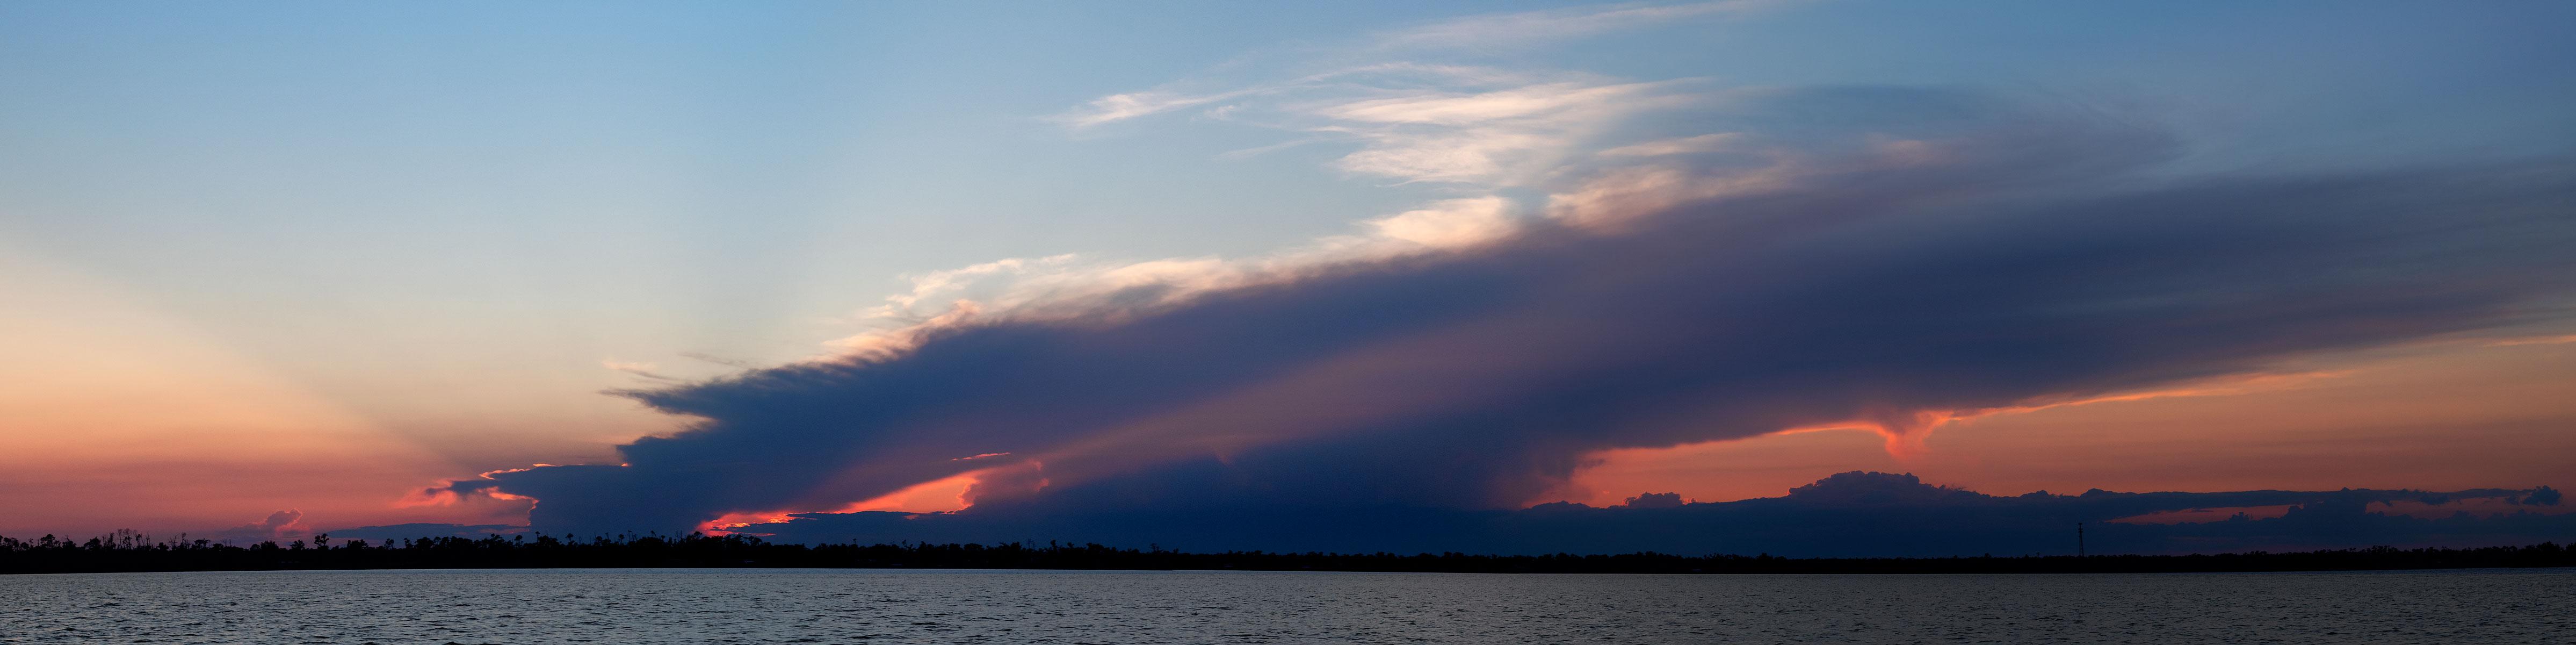 sunset-final.jpg